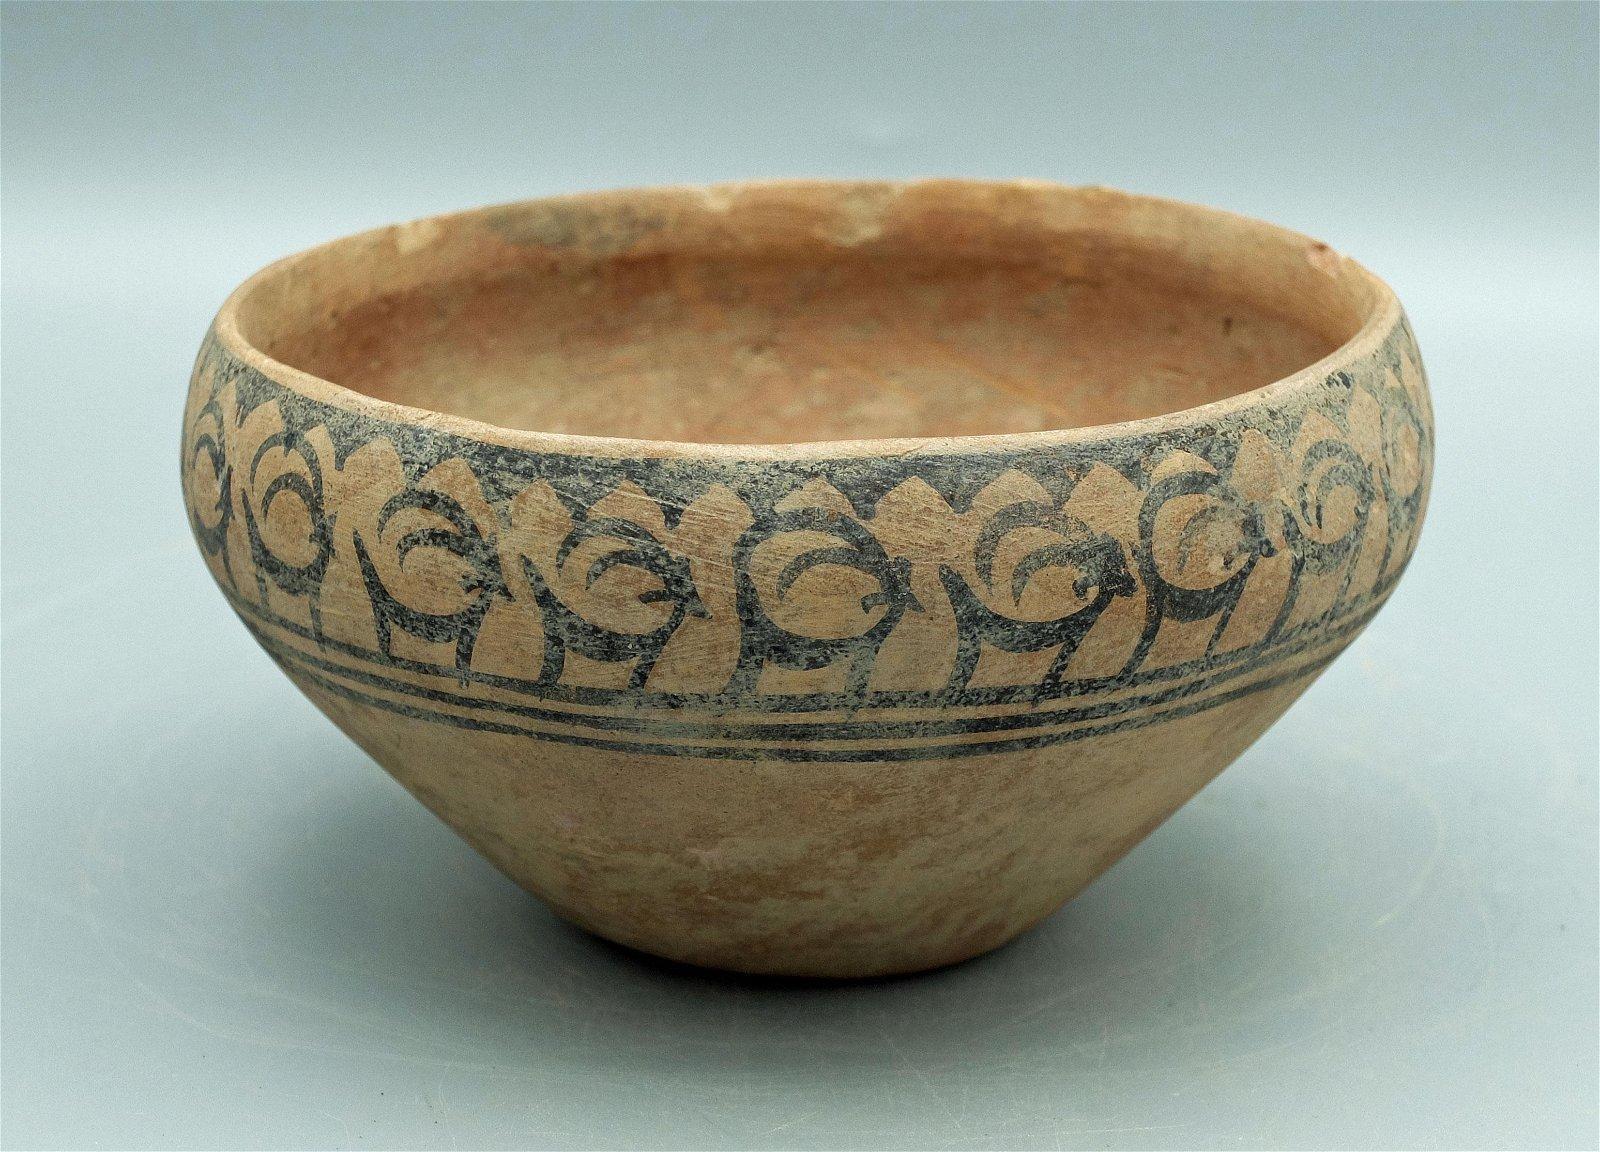 Harappan Bowl, Indus Valley - ca 2500-1800 BC